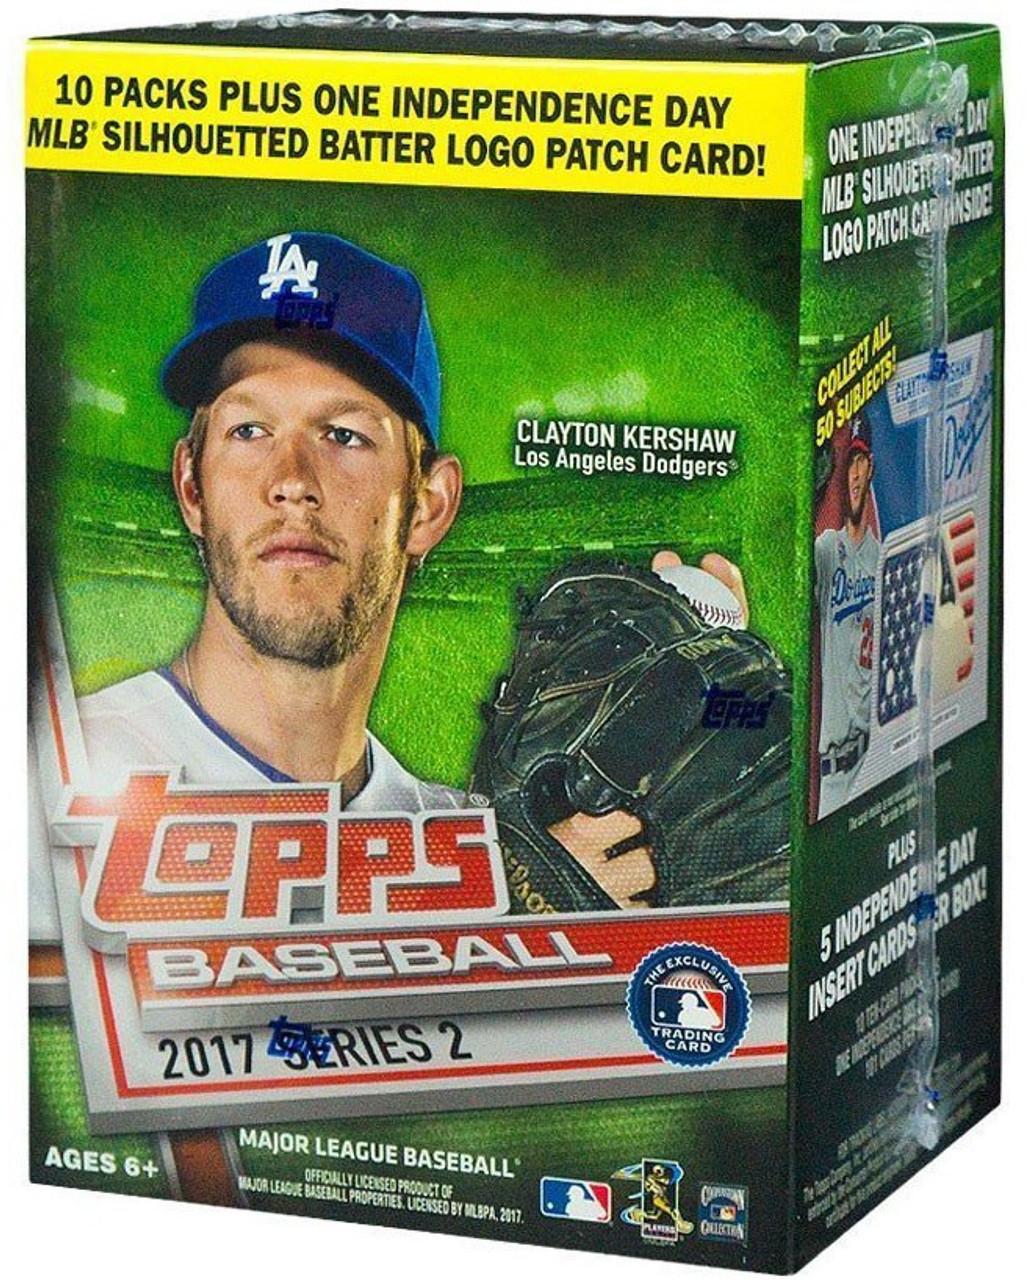 Mlb 2017 Topps Baseball Cards Series 2 2017 Topps Baseball Series 2 Trading Card Blaster Box